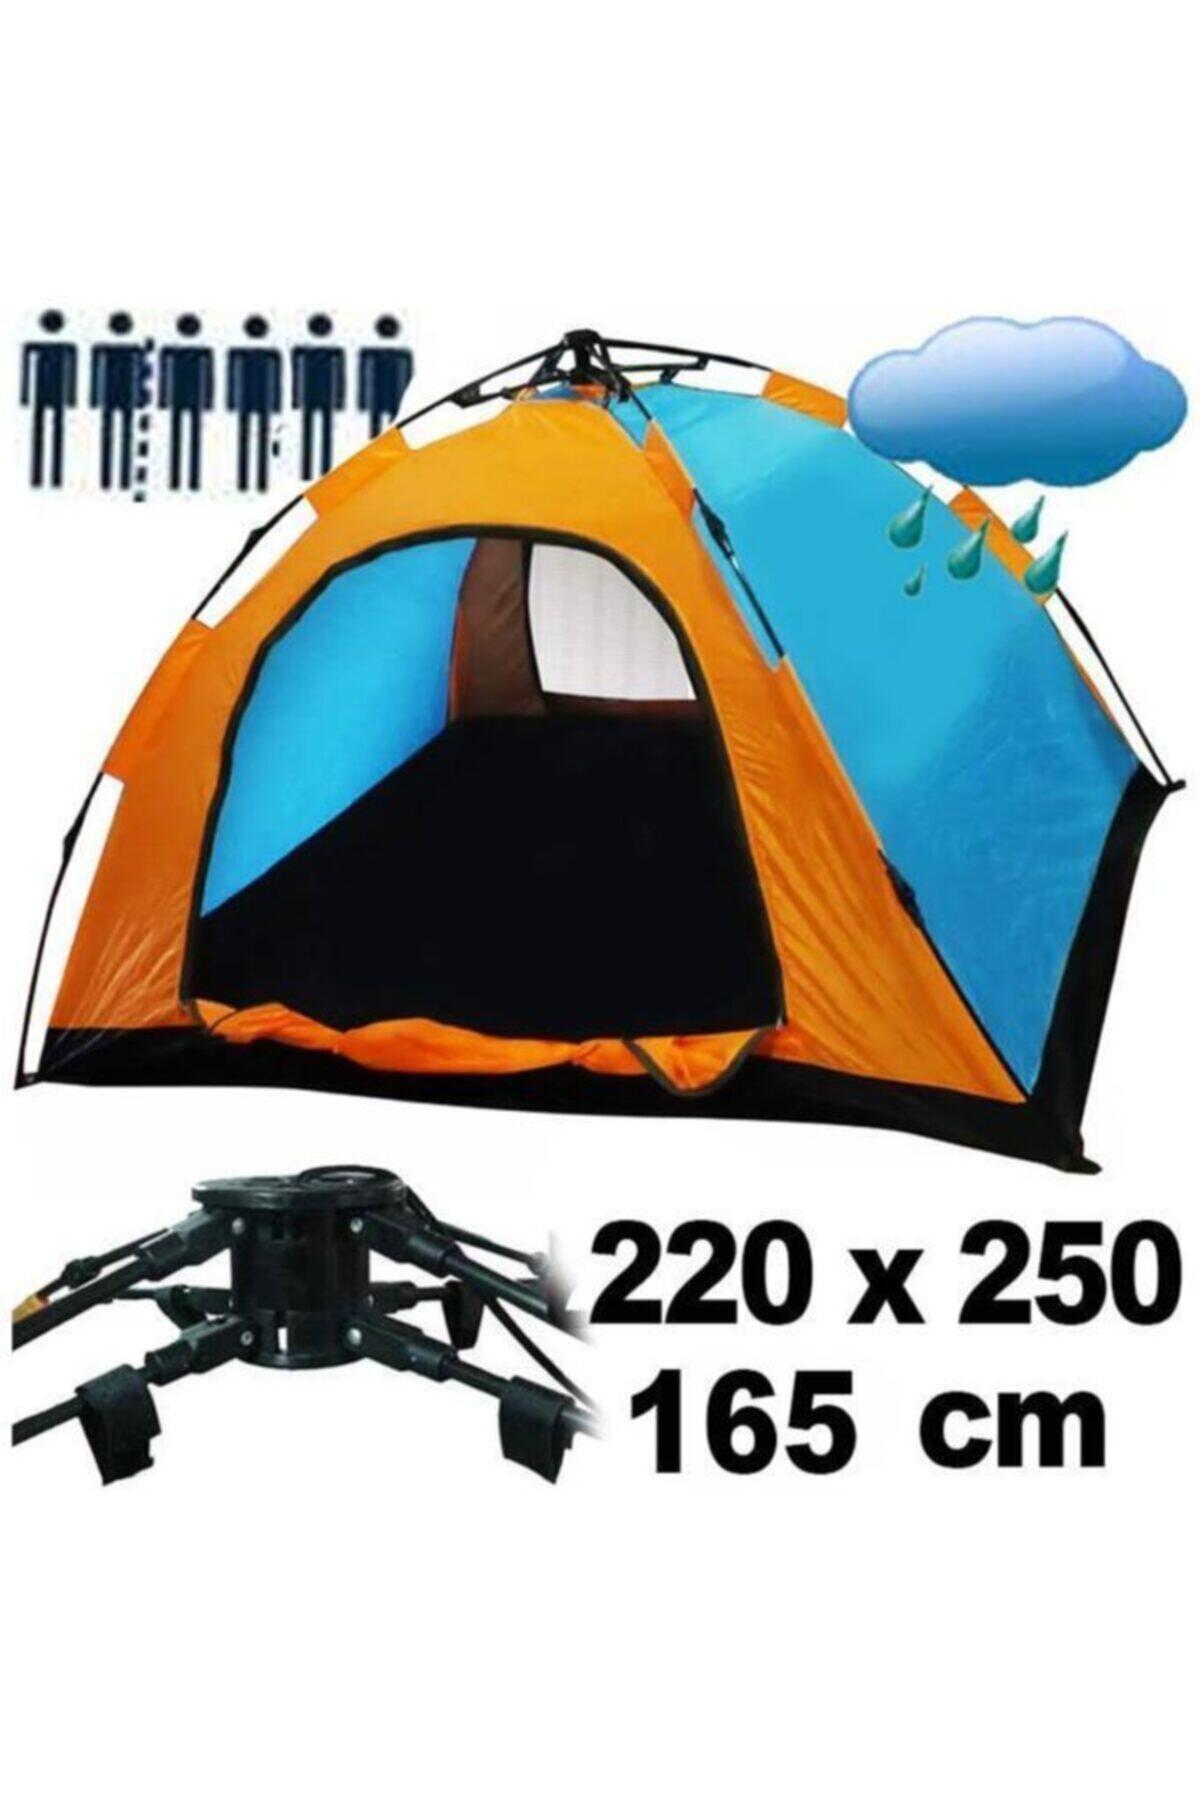 6 Kişilik Tam Otomatik Kurulum Kamp Çadırı 250 X 220 X 165 Cm Ce